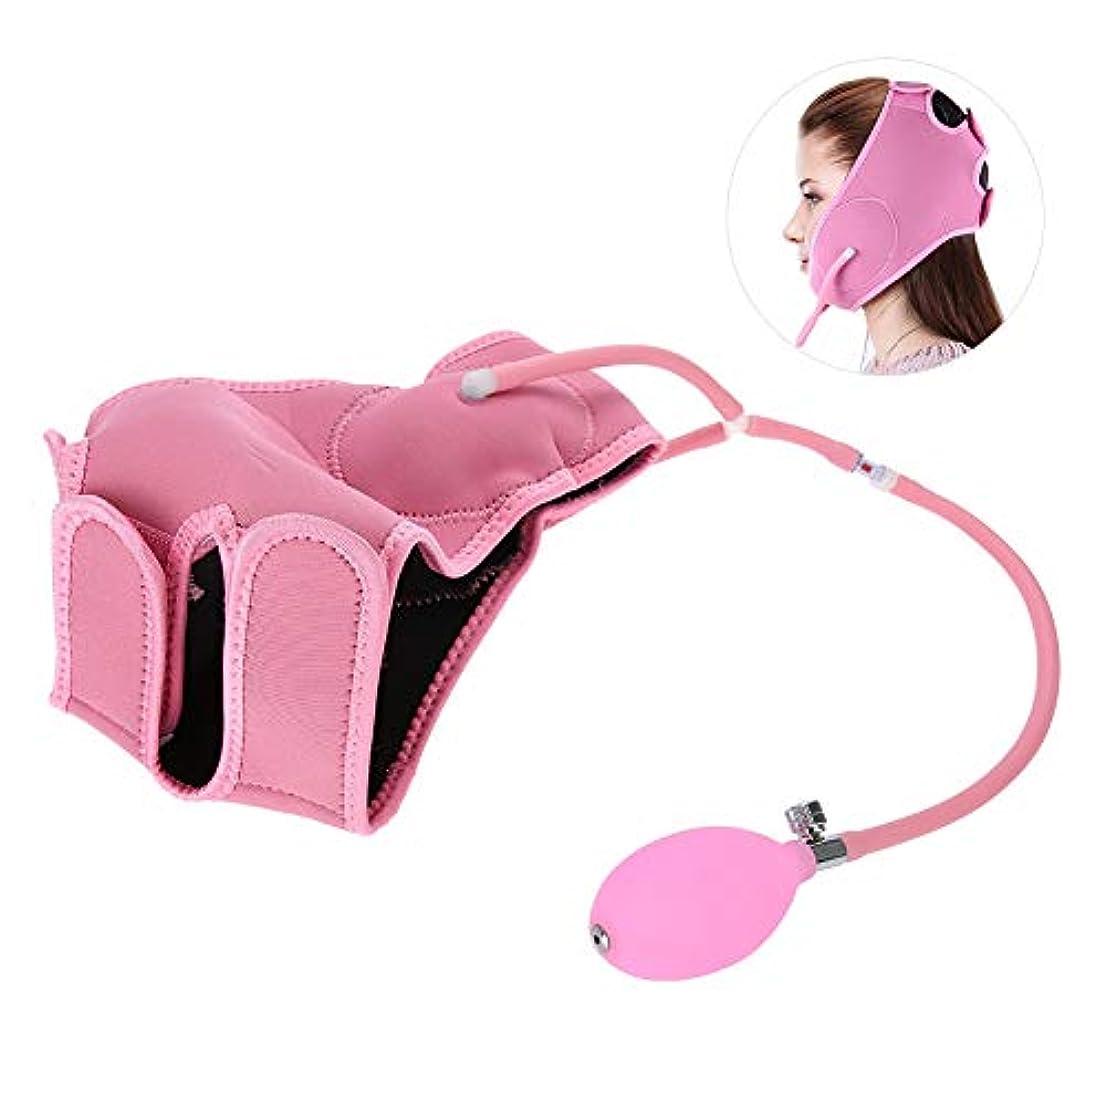 キャッシュ海港クラッチ美顔術の器械、創造的なエアバッグの設計は持ち上がる包帯をきつく締めます二重あごの美顔術のための顔の心配用具を滑らかにします